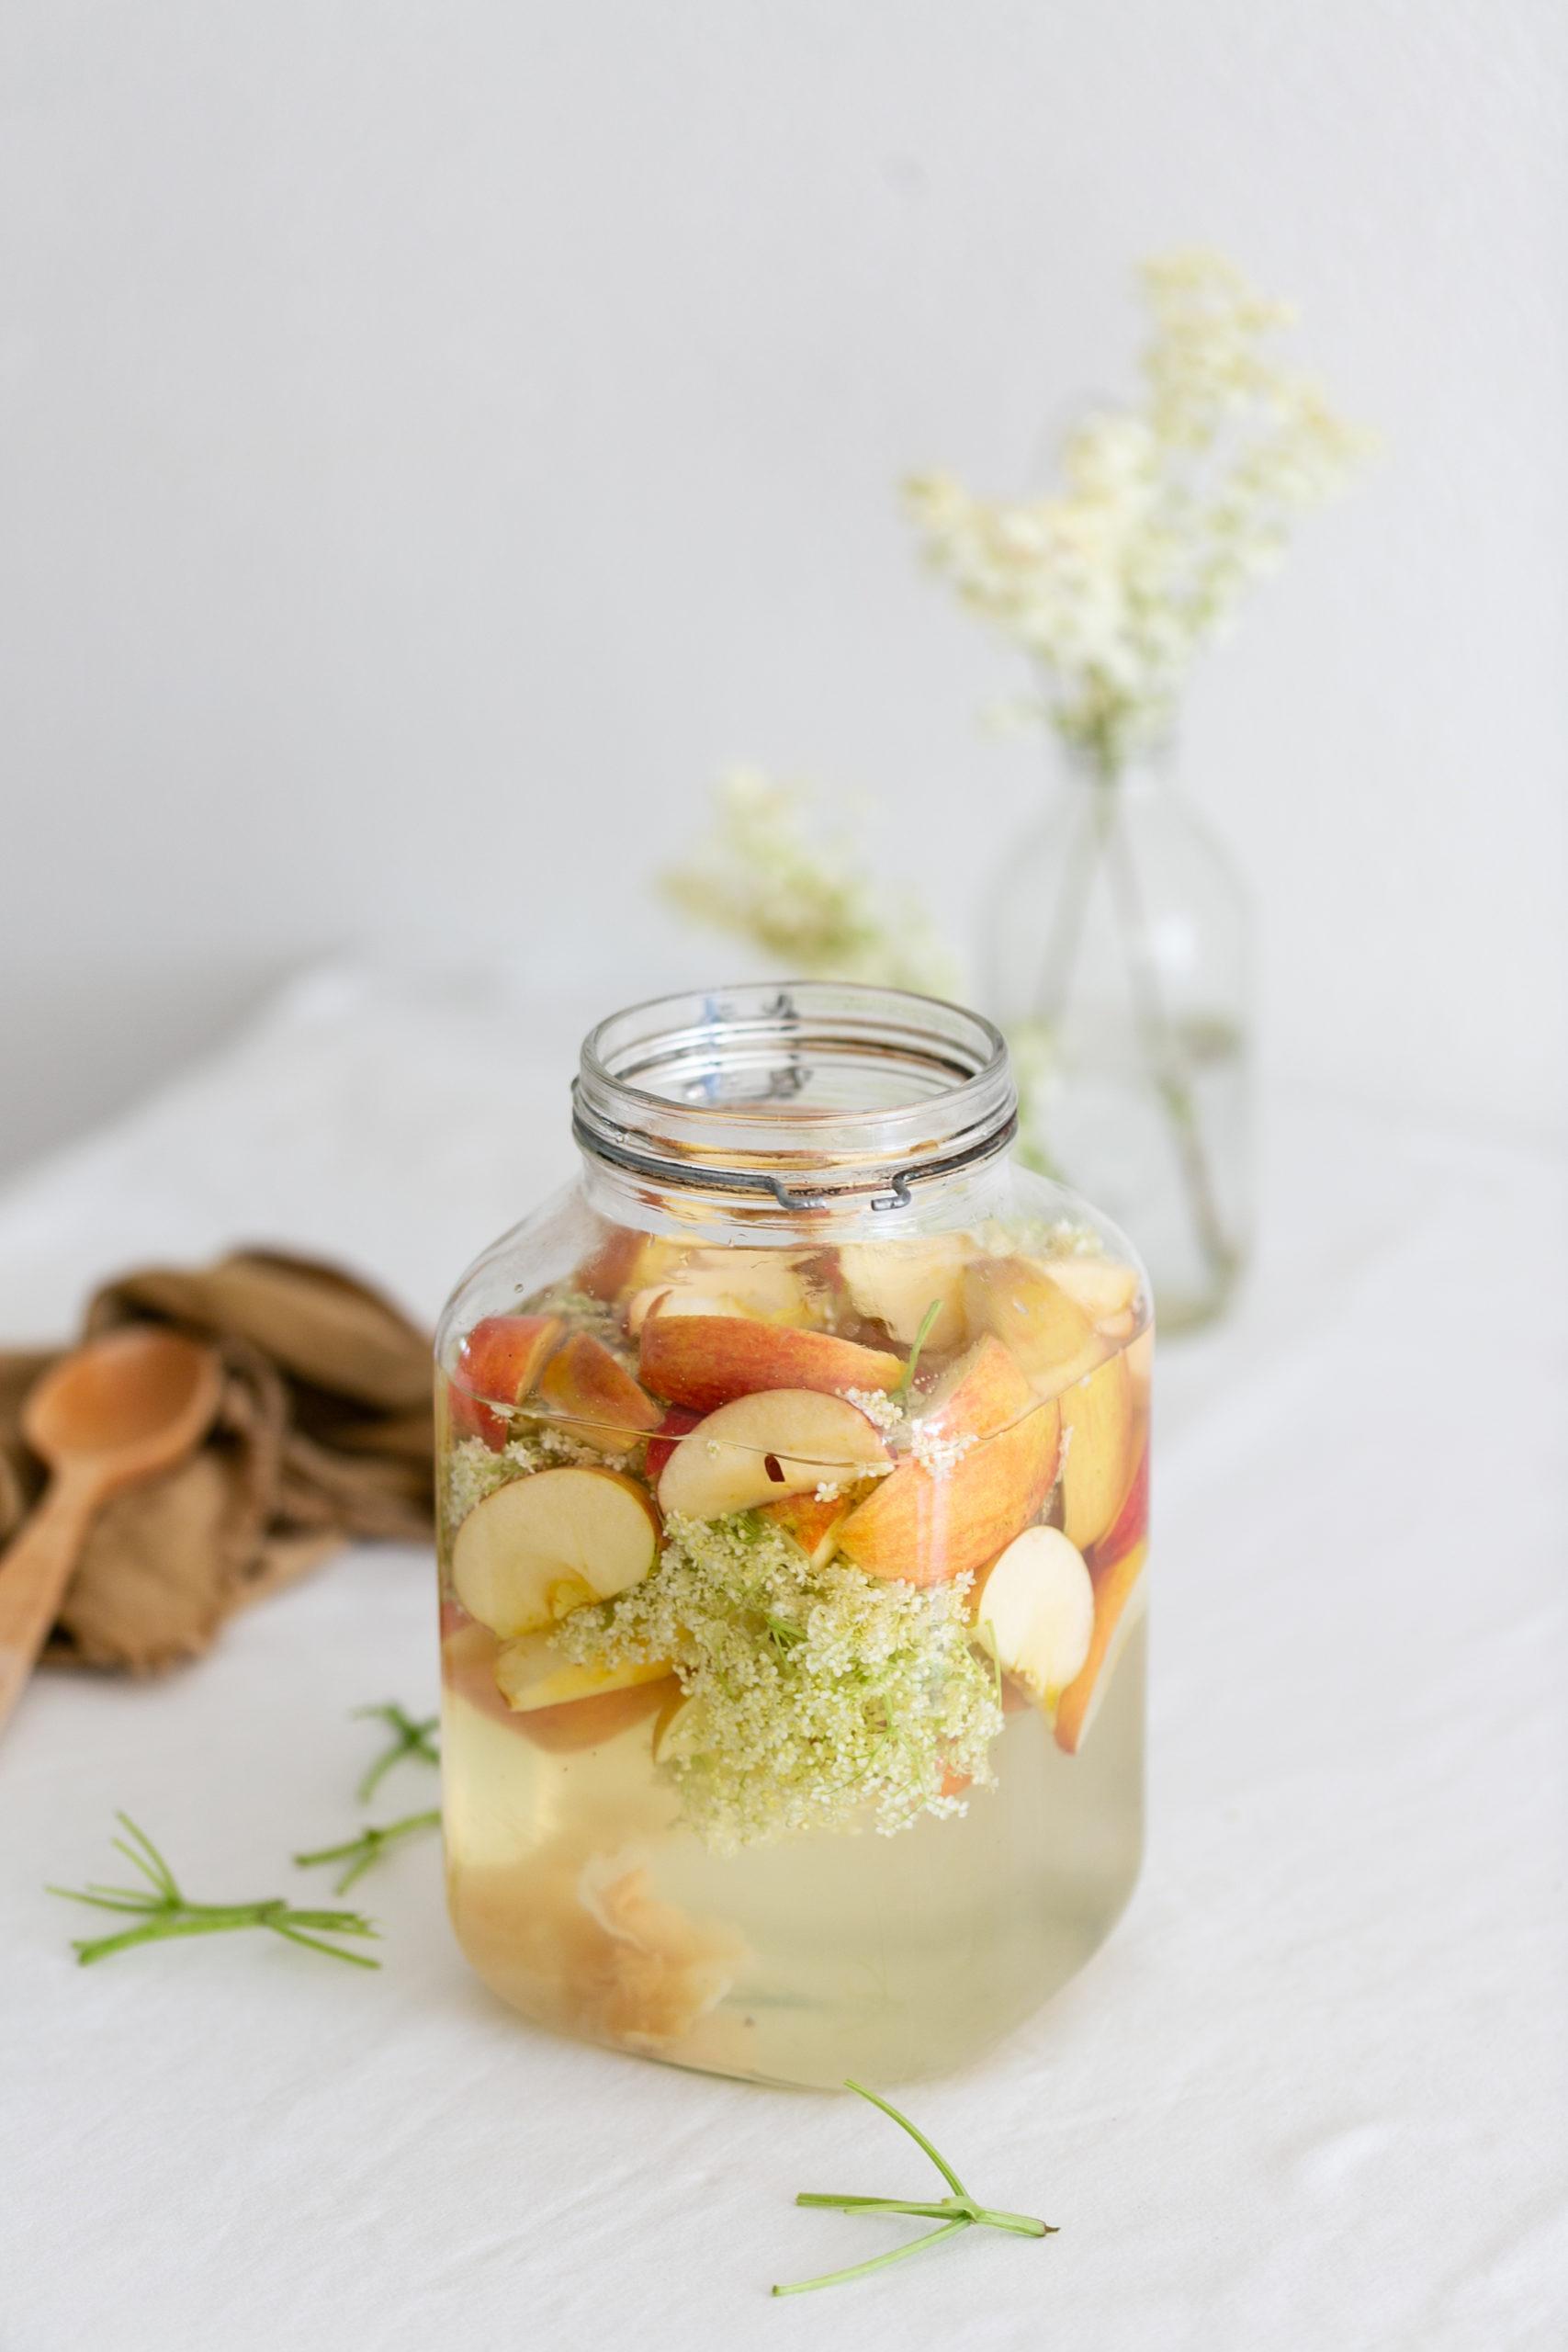 Apfelessig mit Holunder angesetzt im Glas